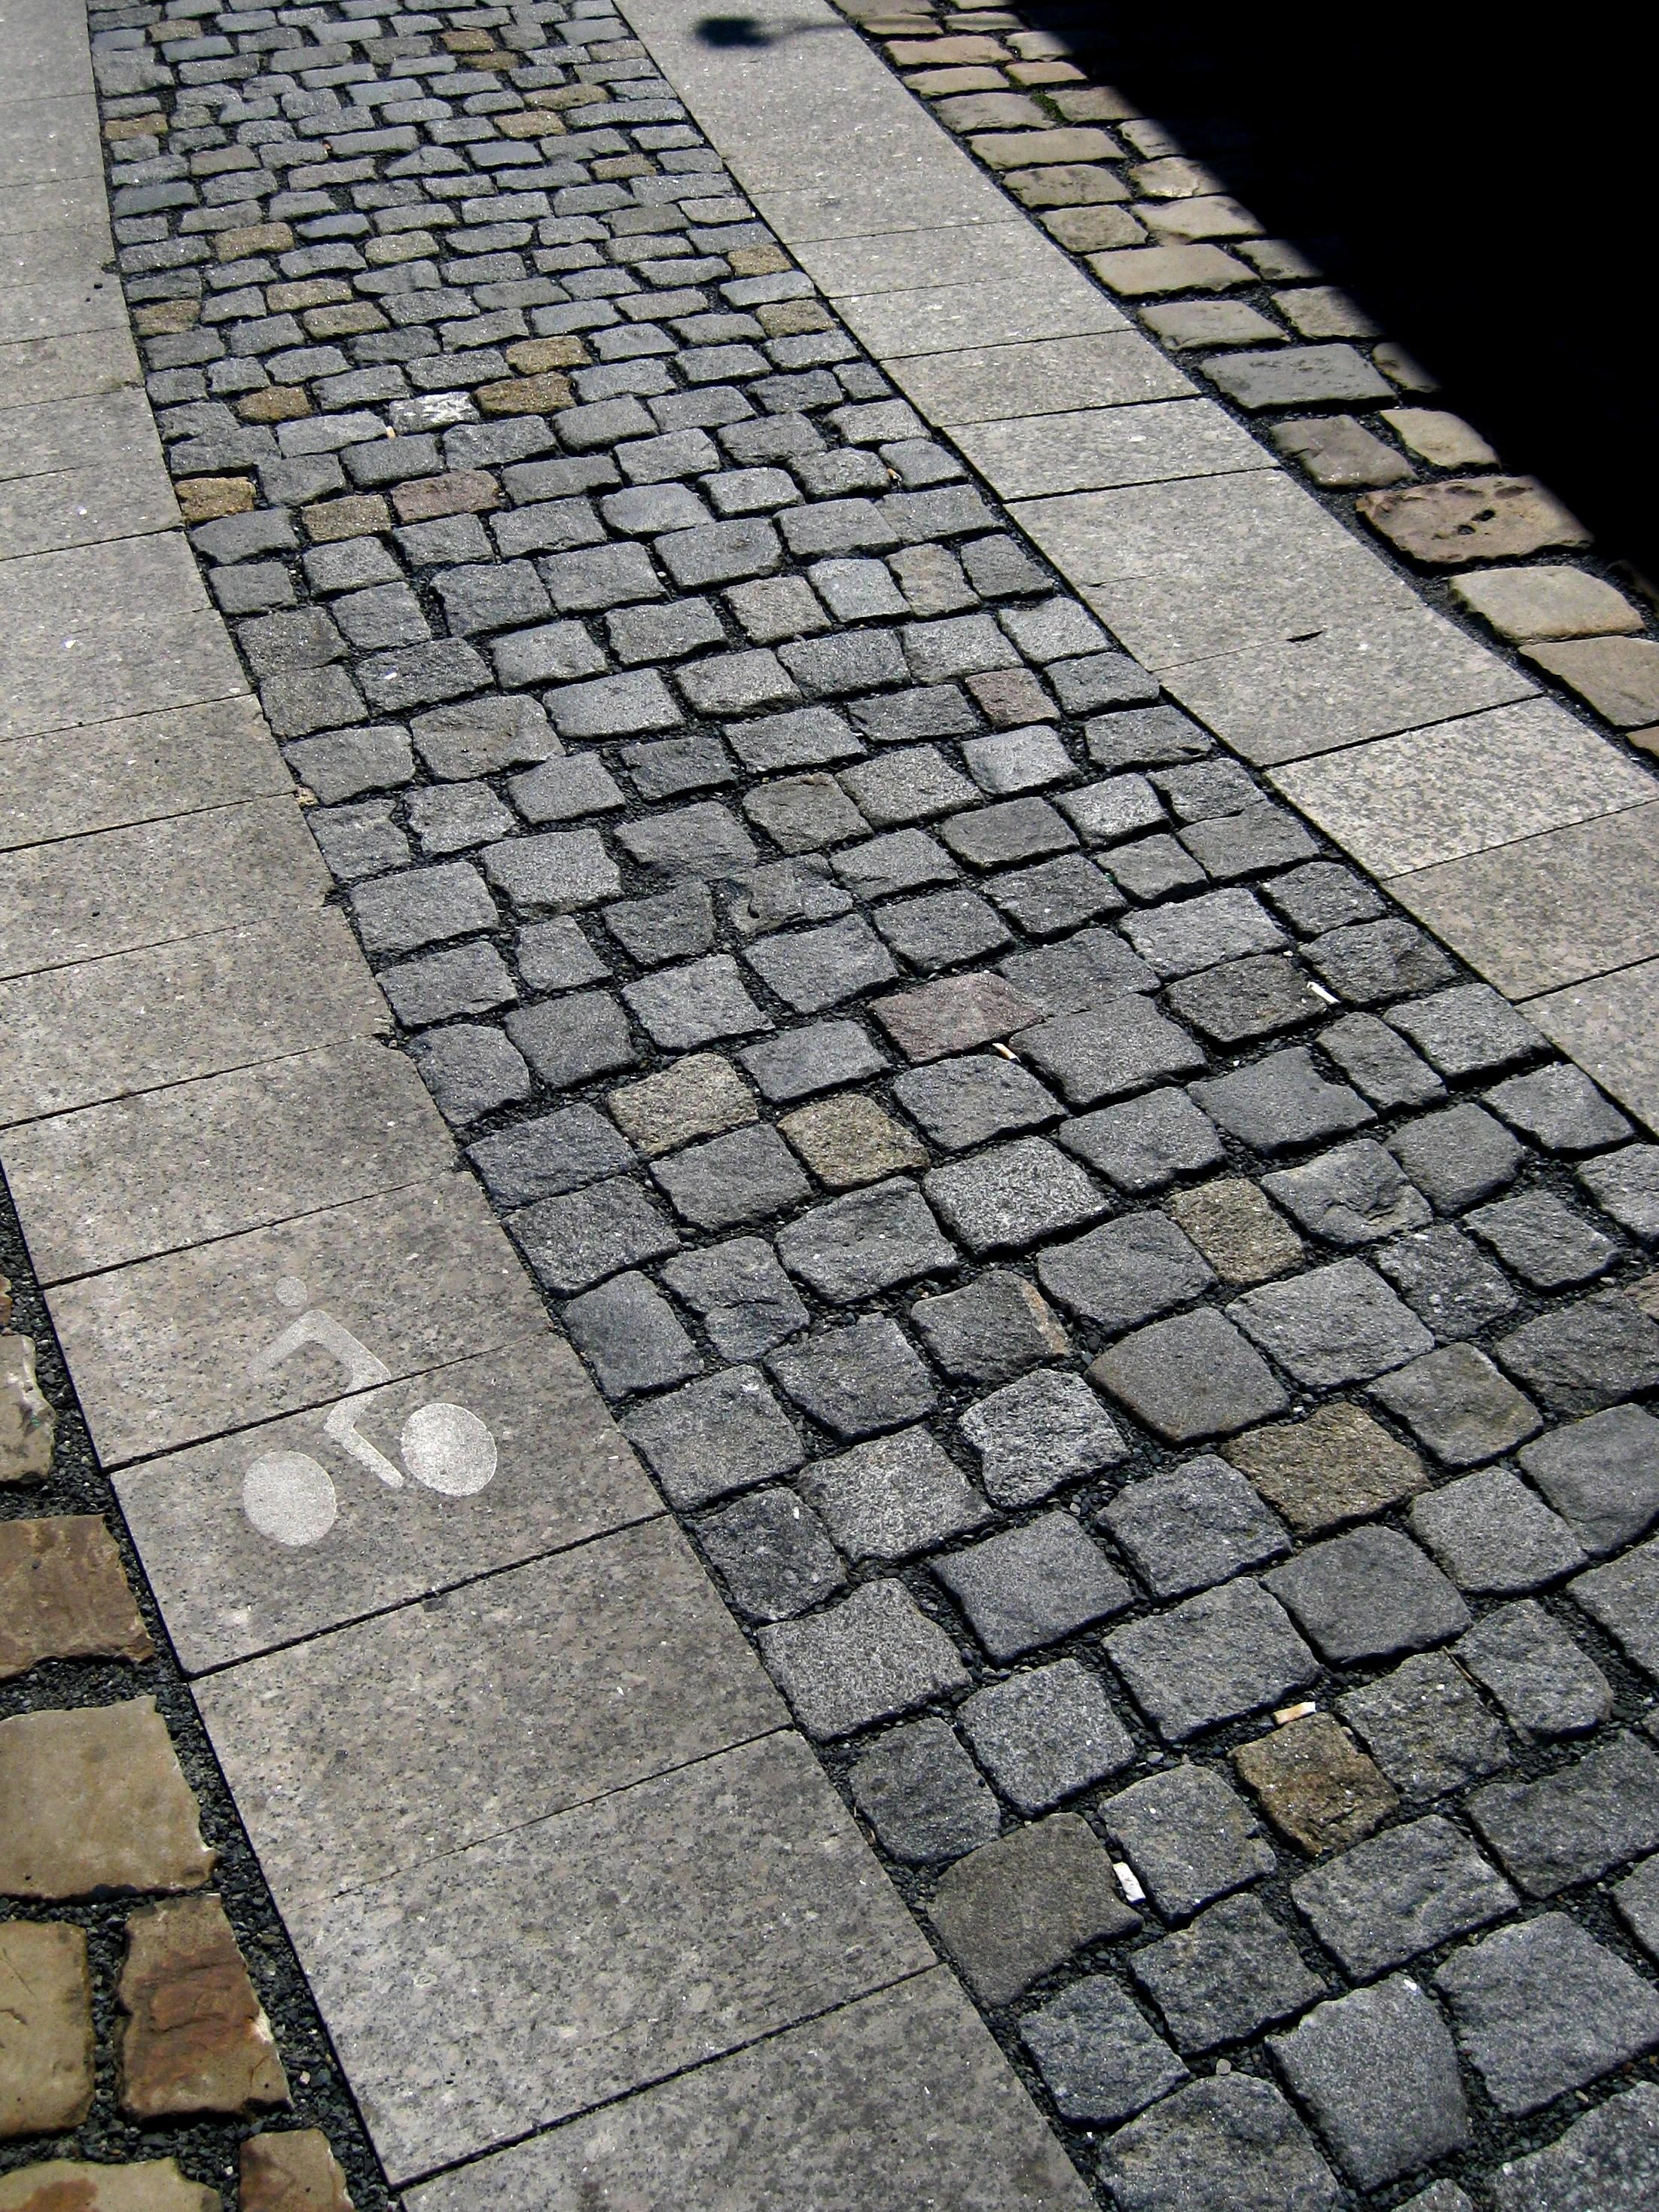 pflaster stein pflasterstein avenue alte strae muster ziegel cube - Pflastersteine Muster Bilder